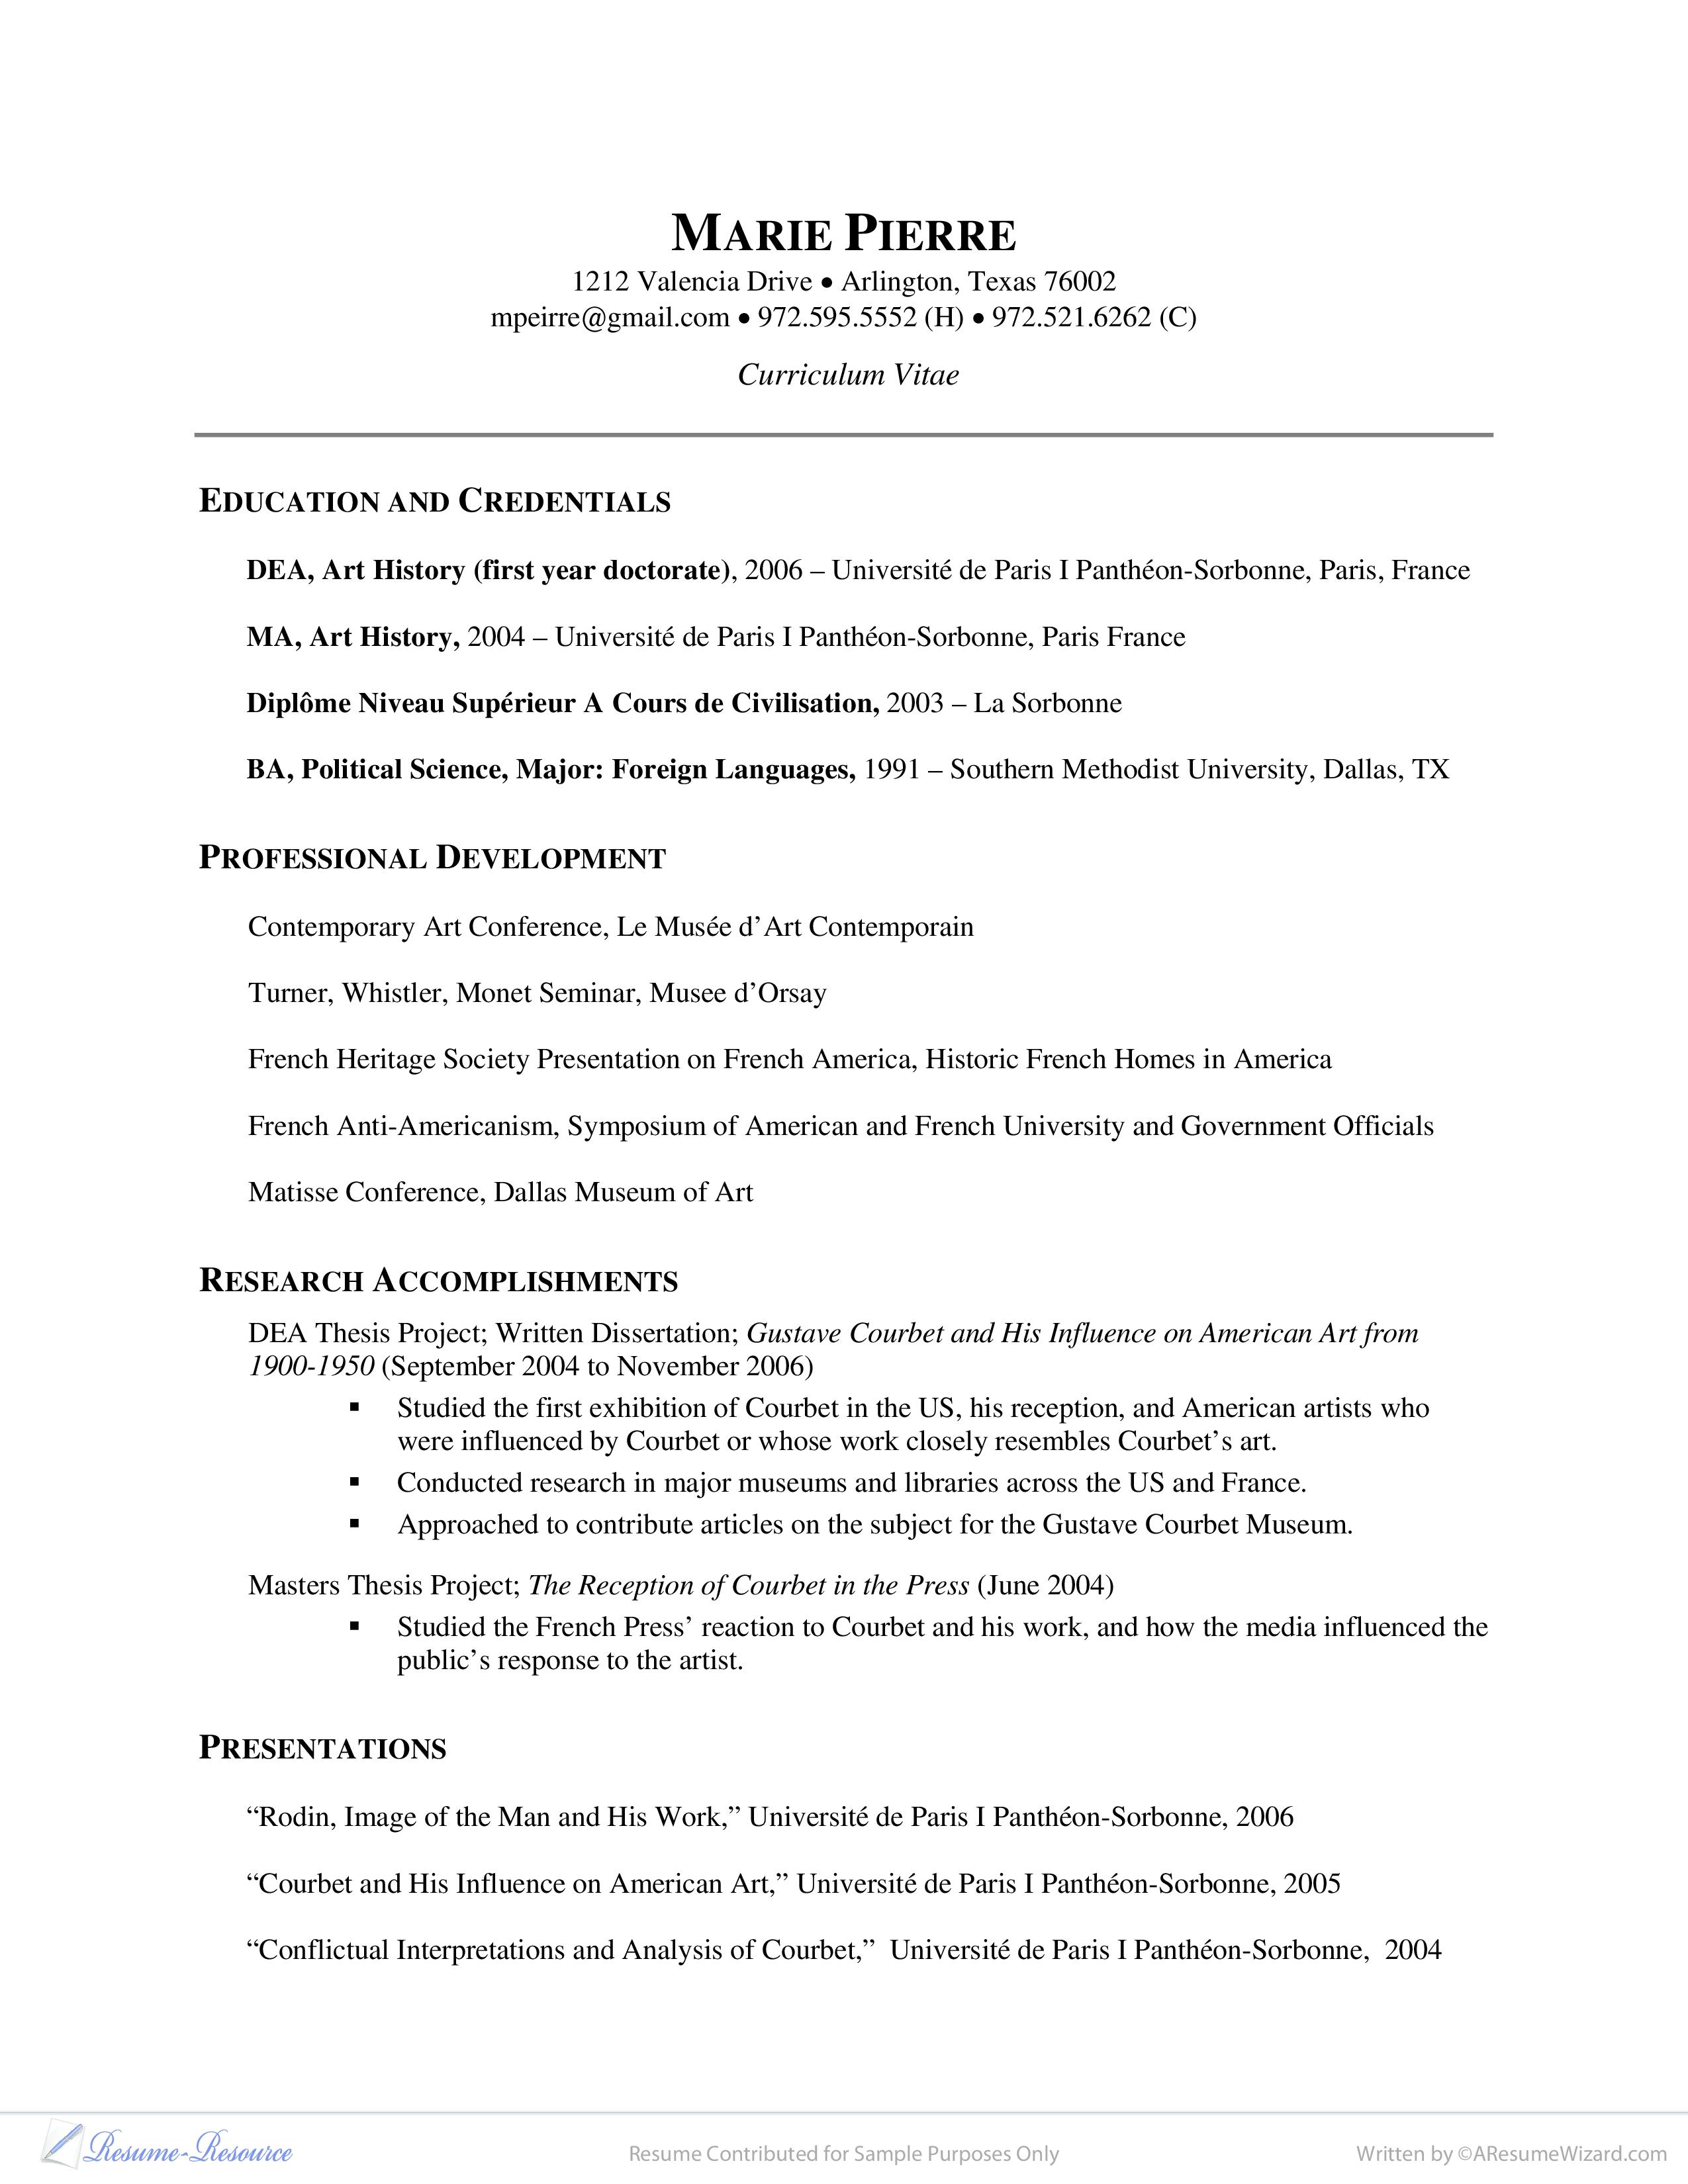 Curriculum Vitae Example Researcher Art History Education Cv Example Resume Examples Curriculum Vitae Examples Cv Resume Sample